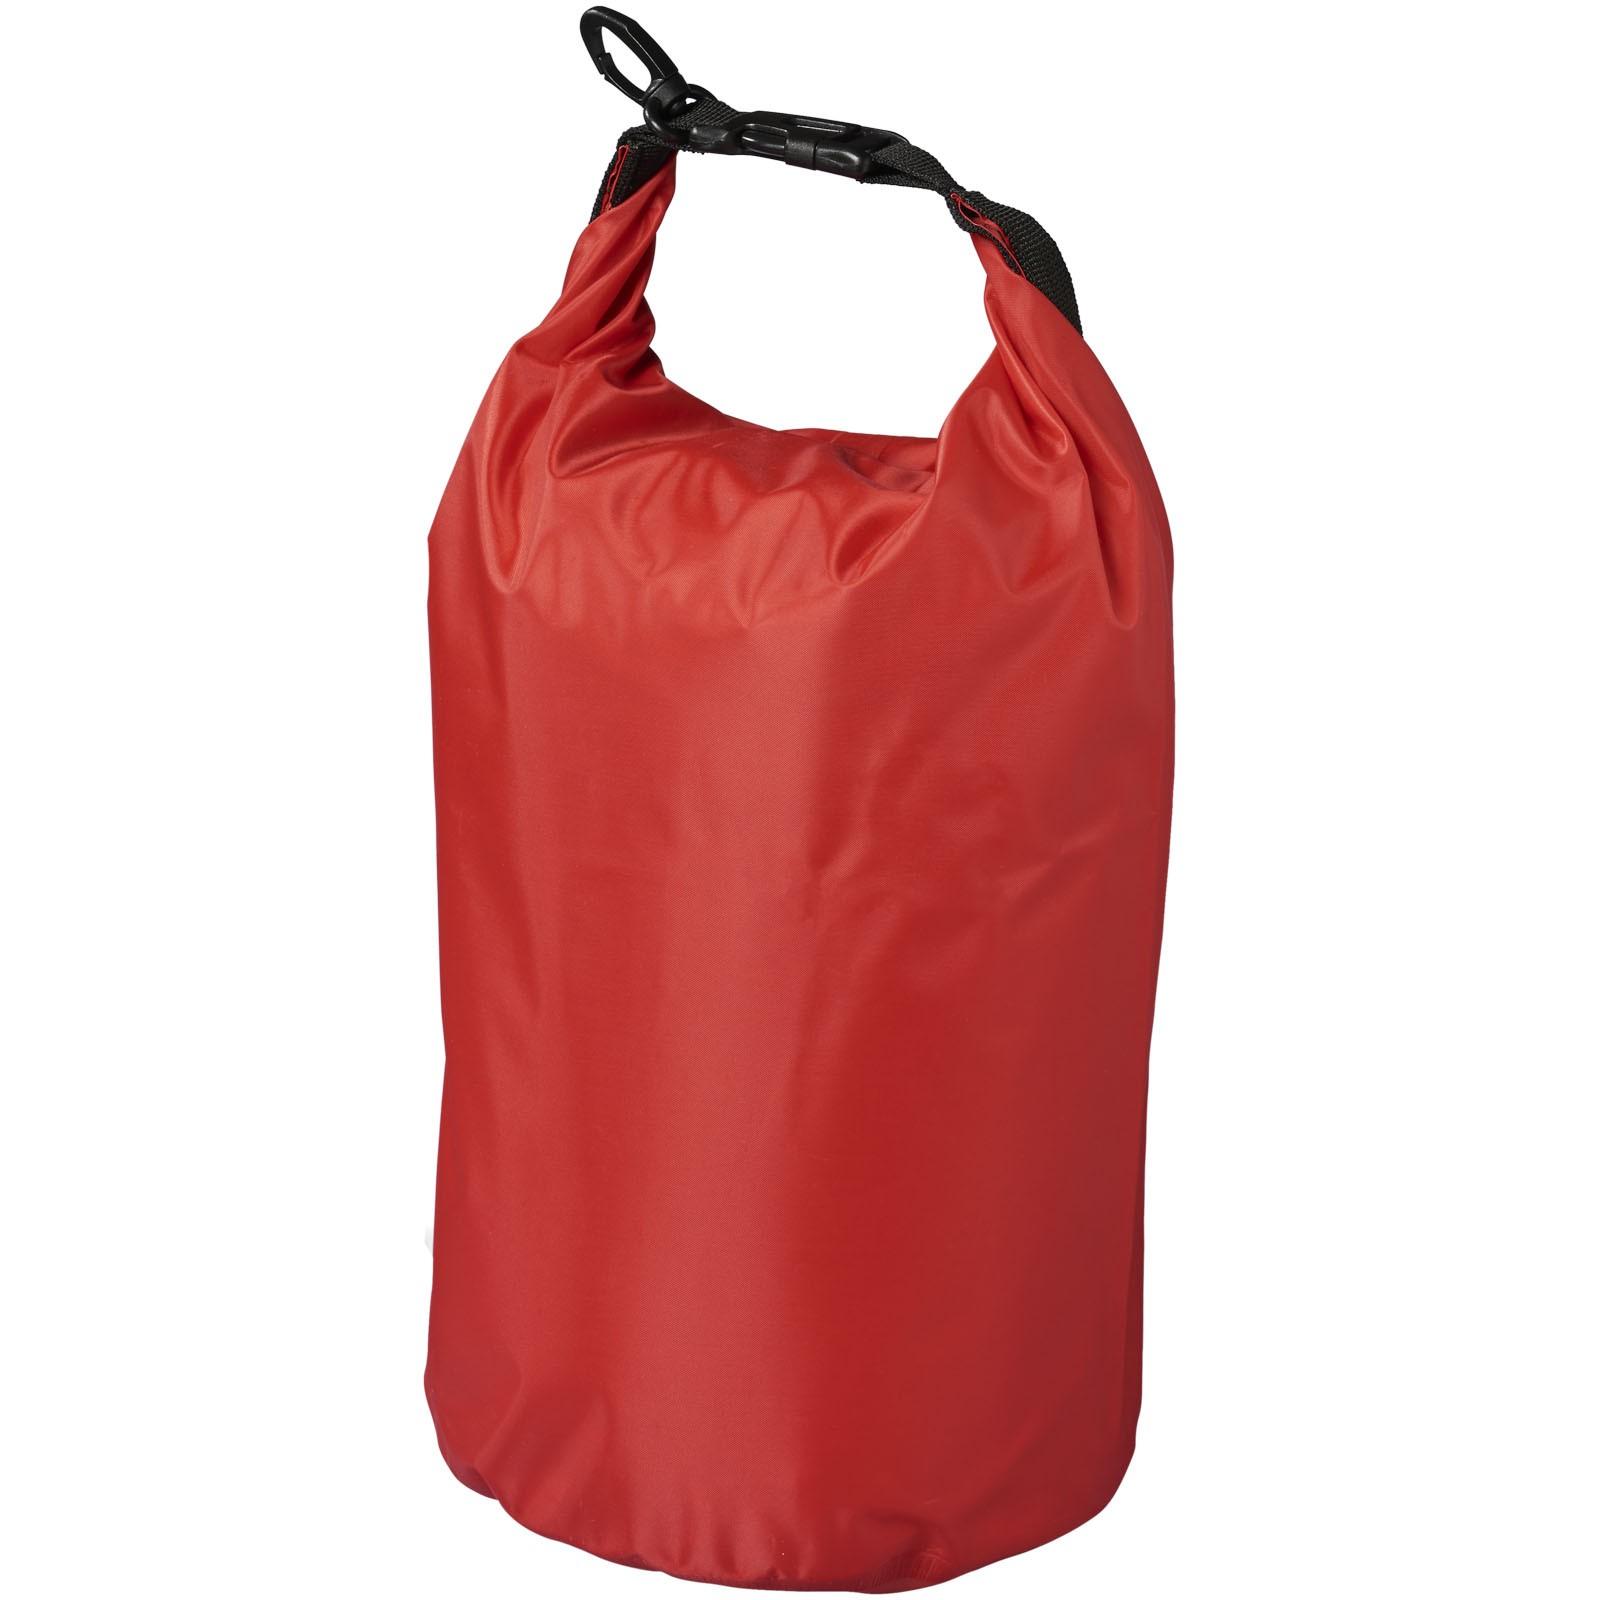 Nepromokavý vak Camper, 10 l, outdoorový styl - Červená s efektem námrazy